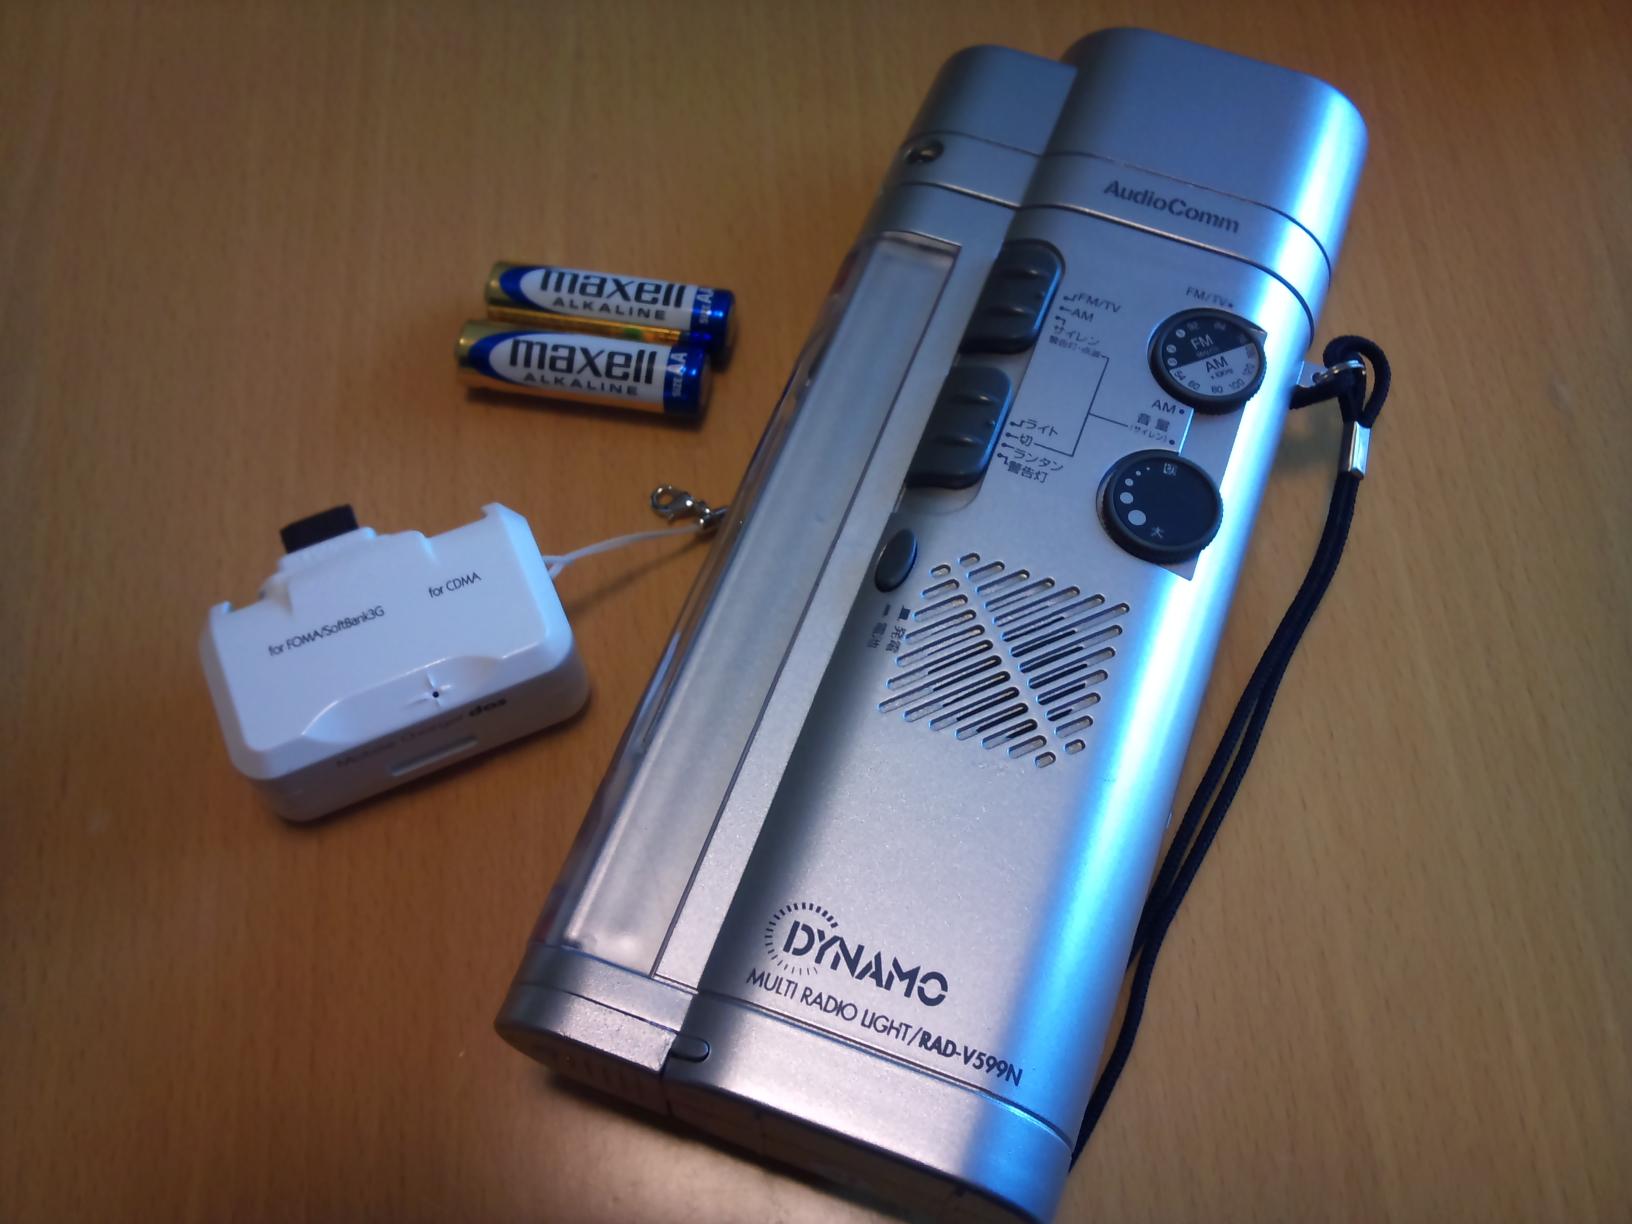 こんなものを買った非常用ラジオと電池式携帯充電器